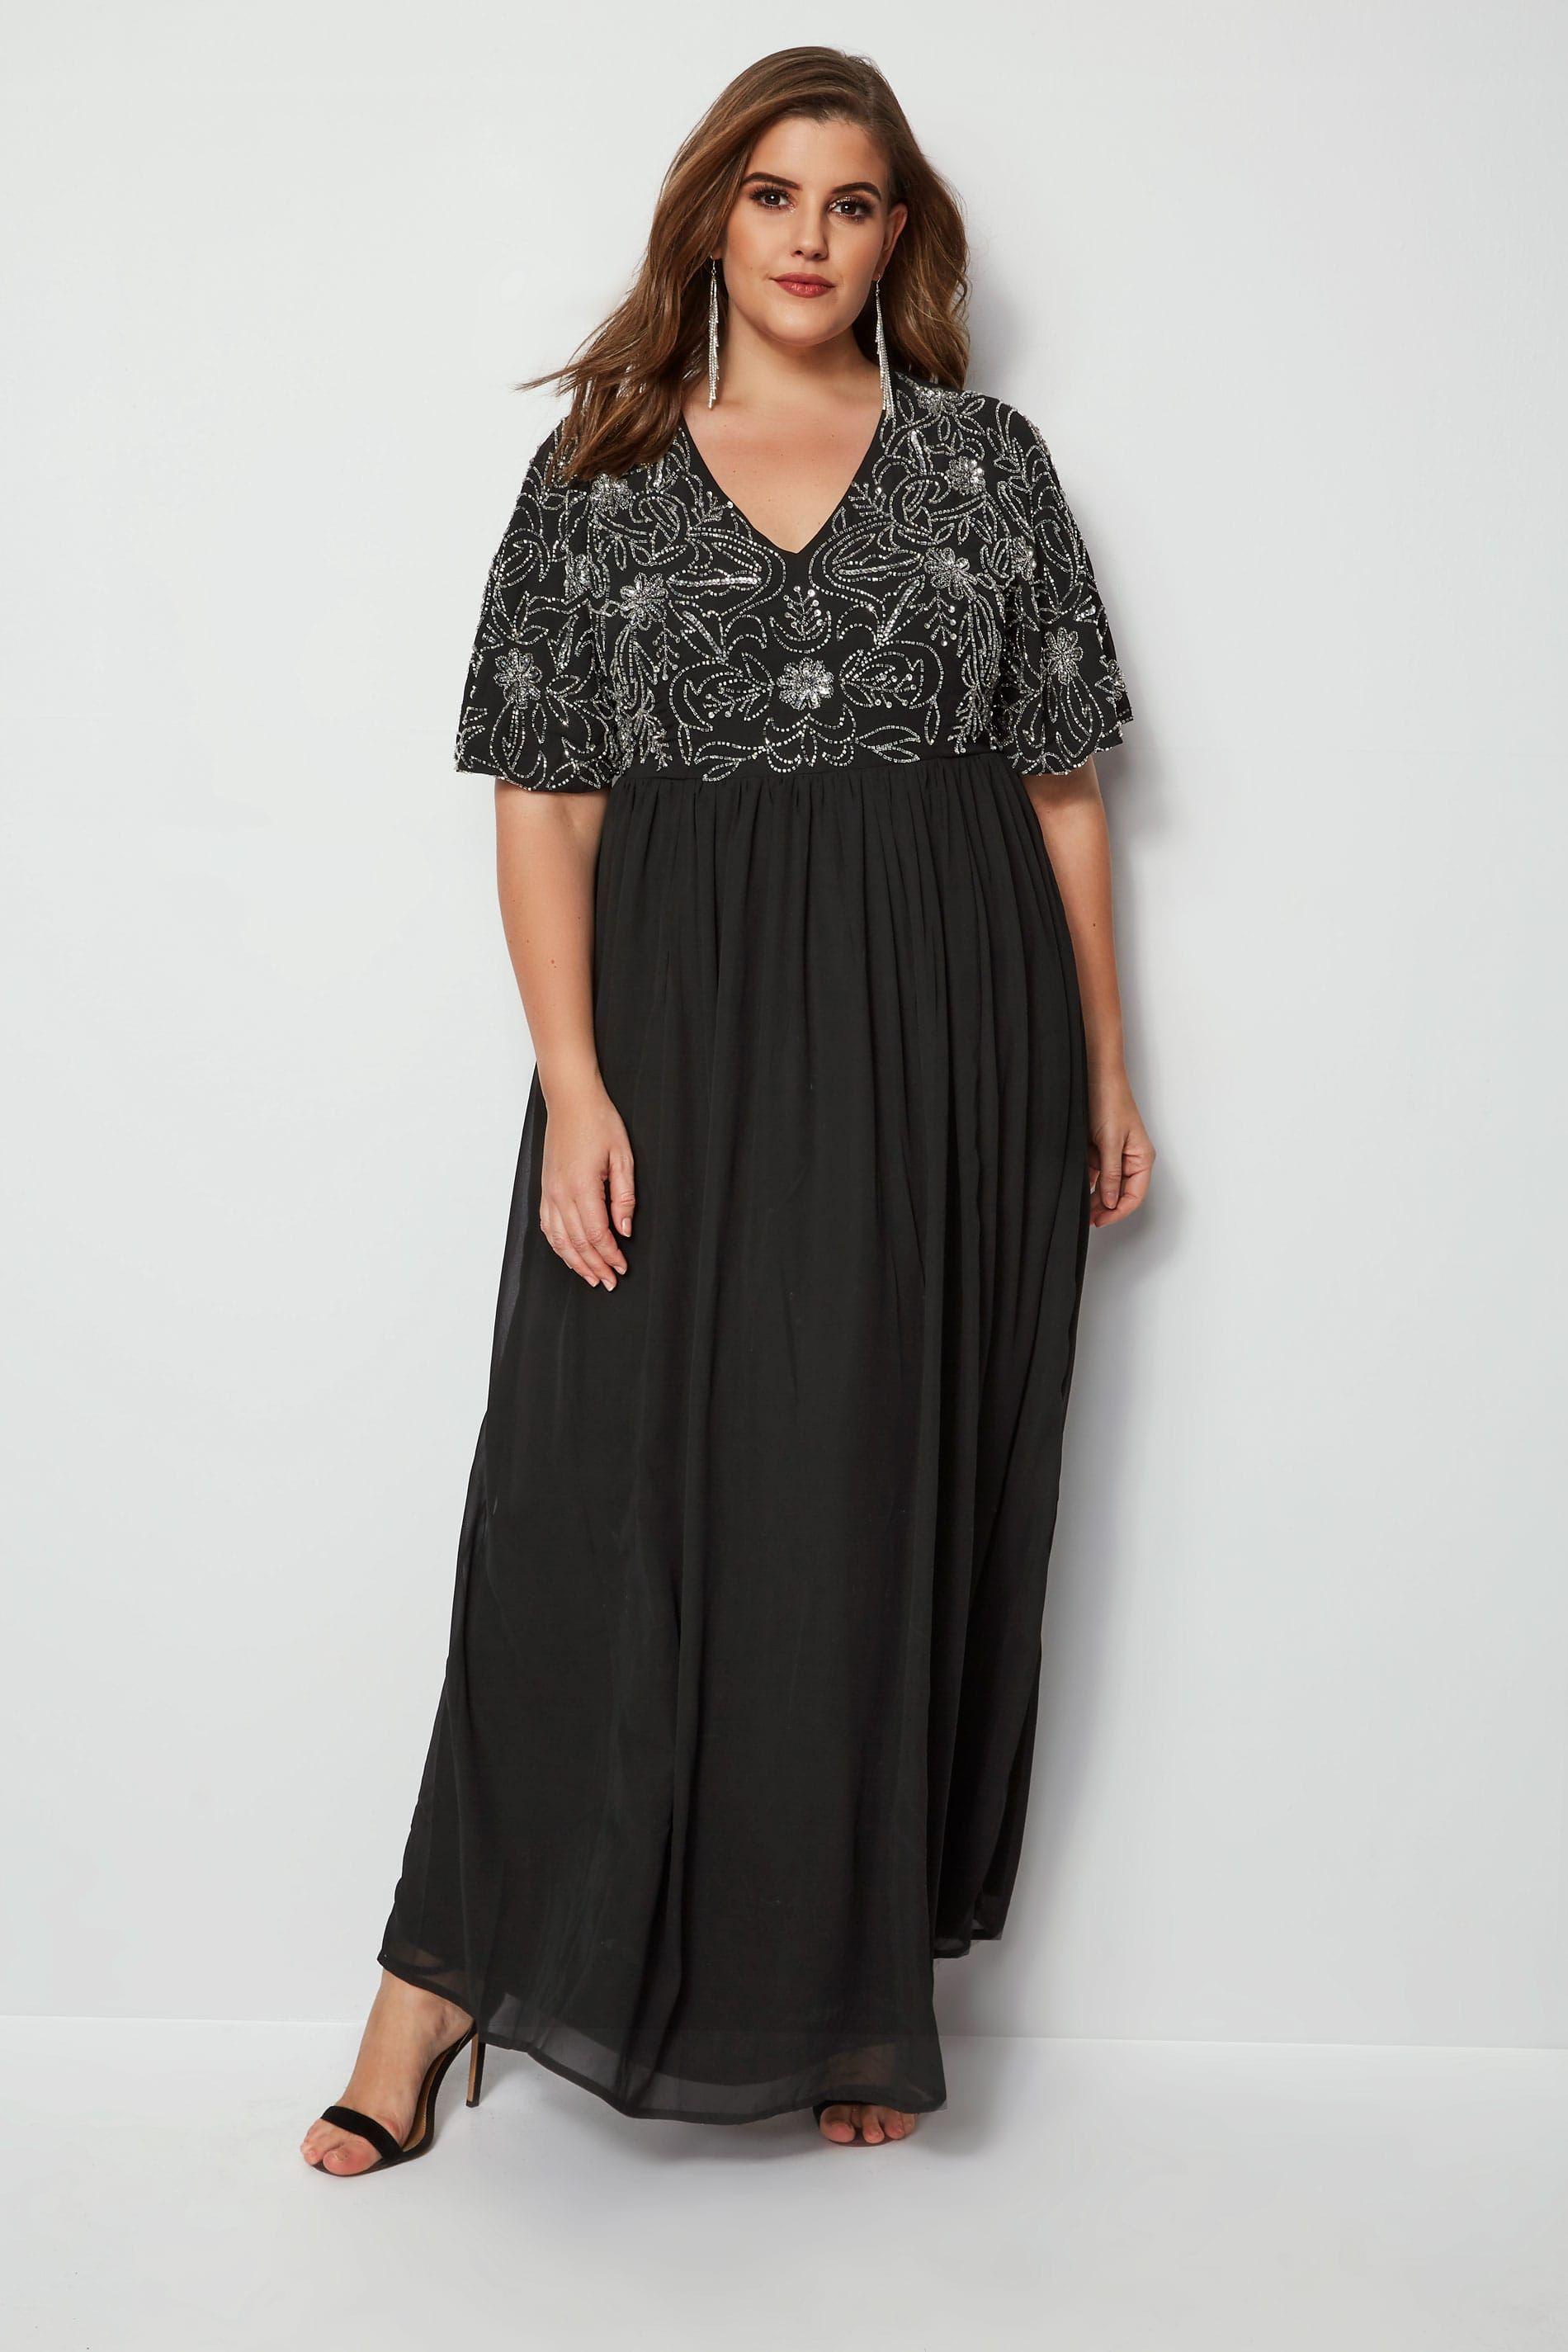 LUXE Black Sequin Embellished Fully Lined Cold Shoulder